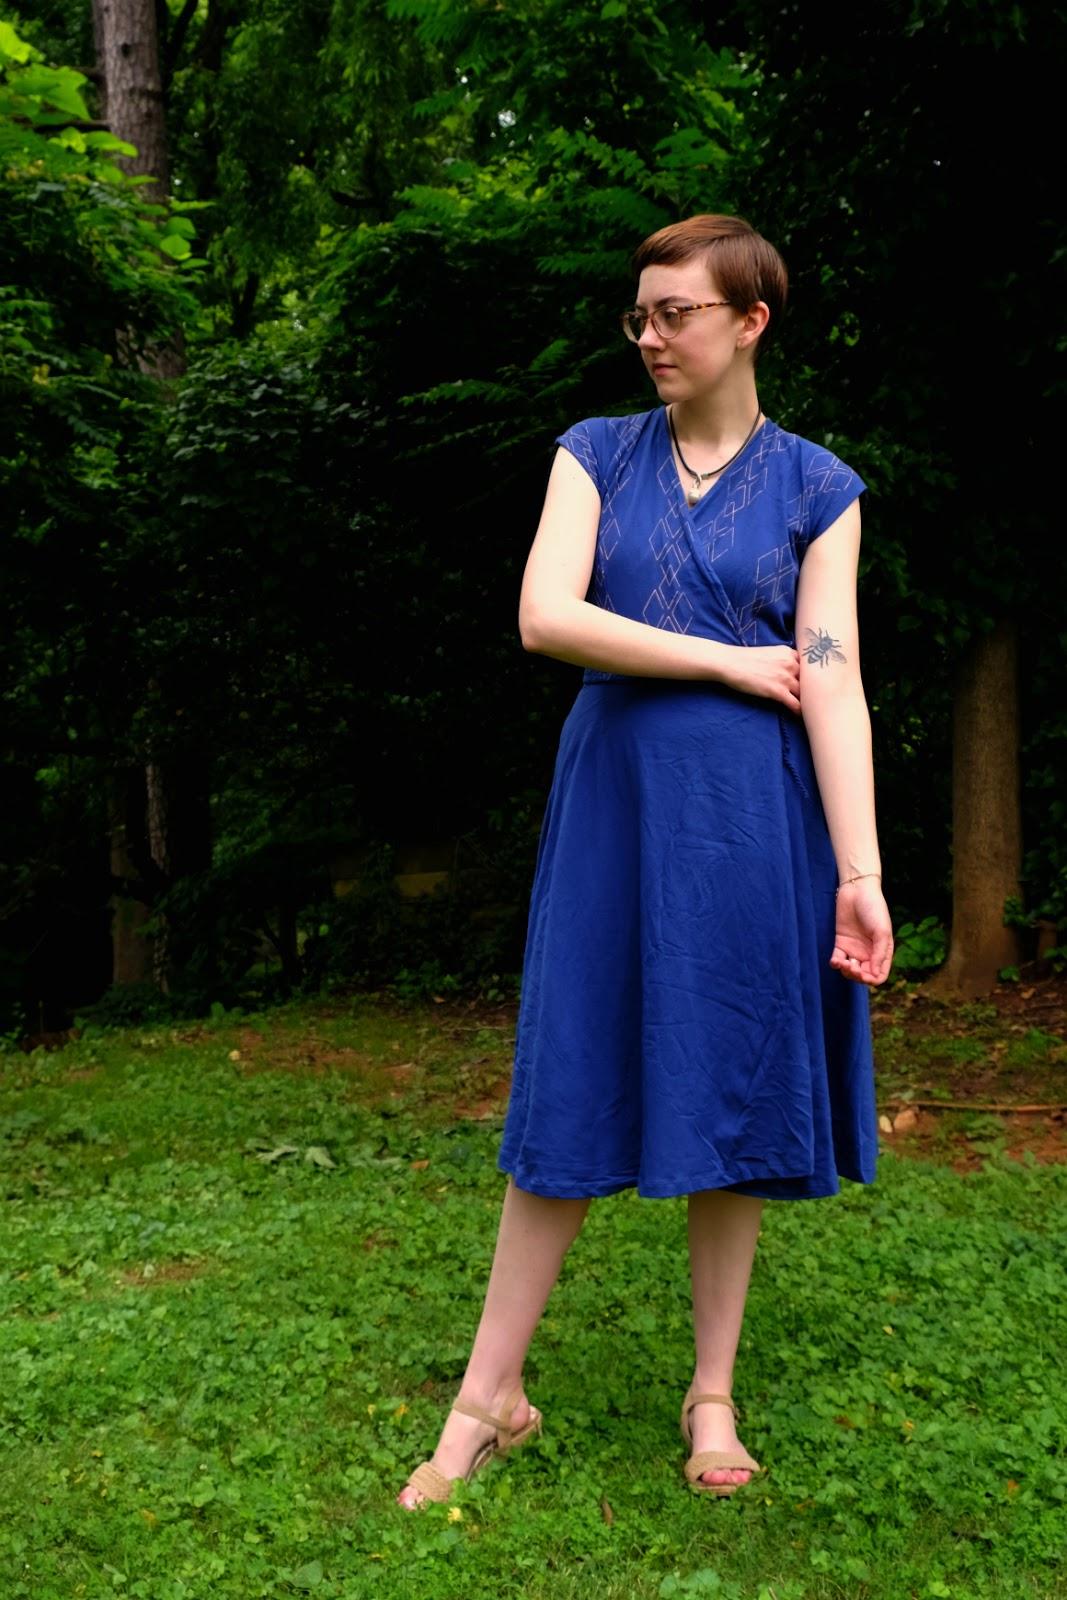 Tonle zero waste ethical fashion stylewise-blog.com